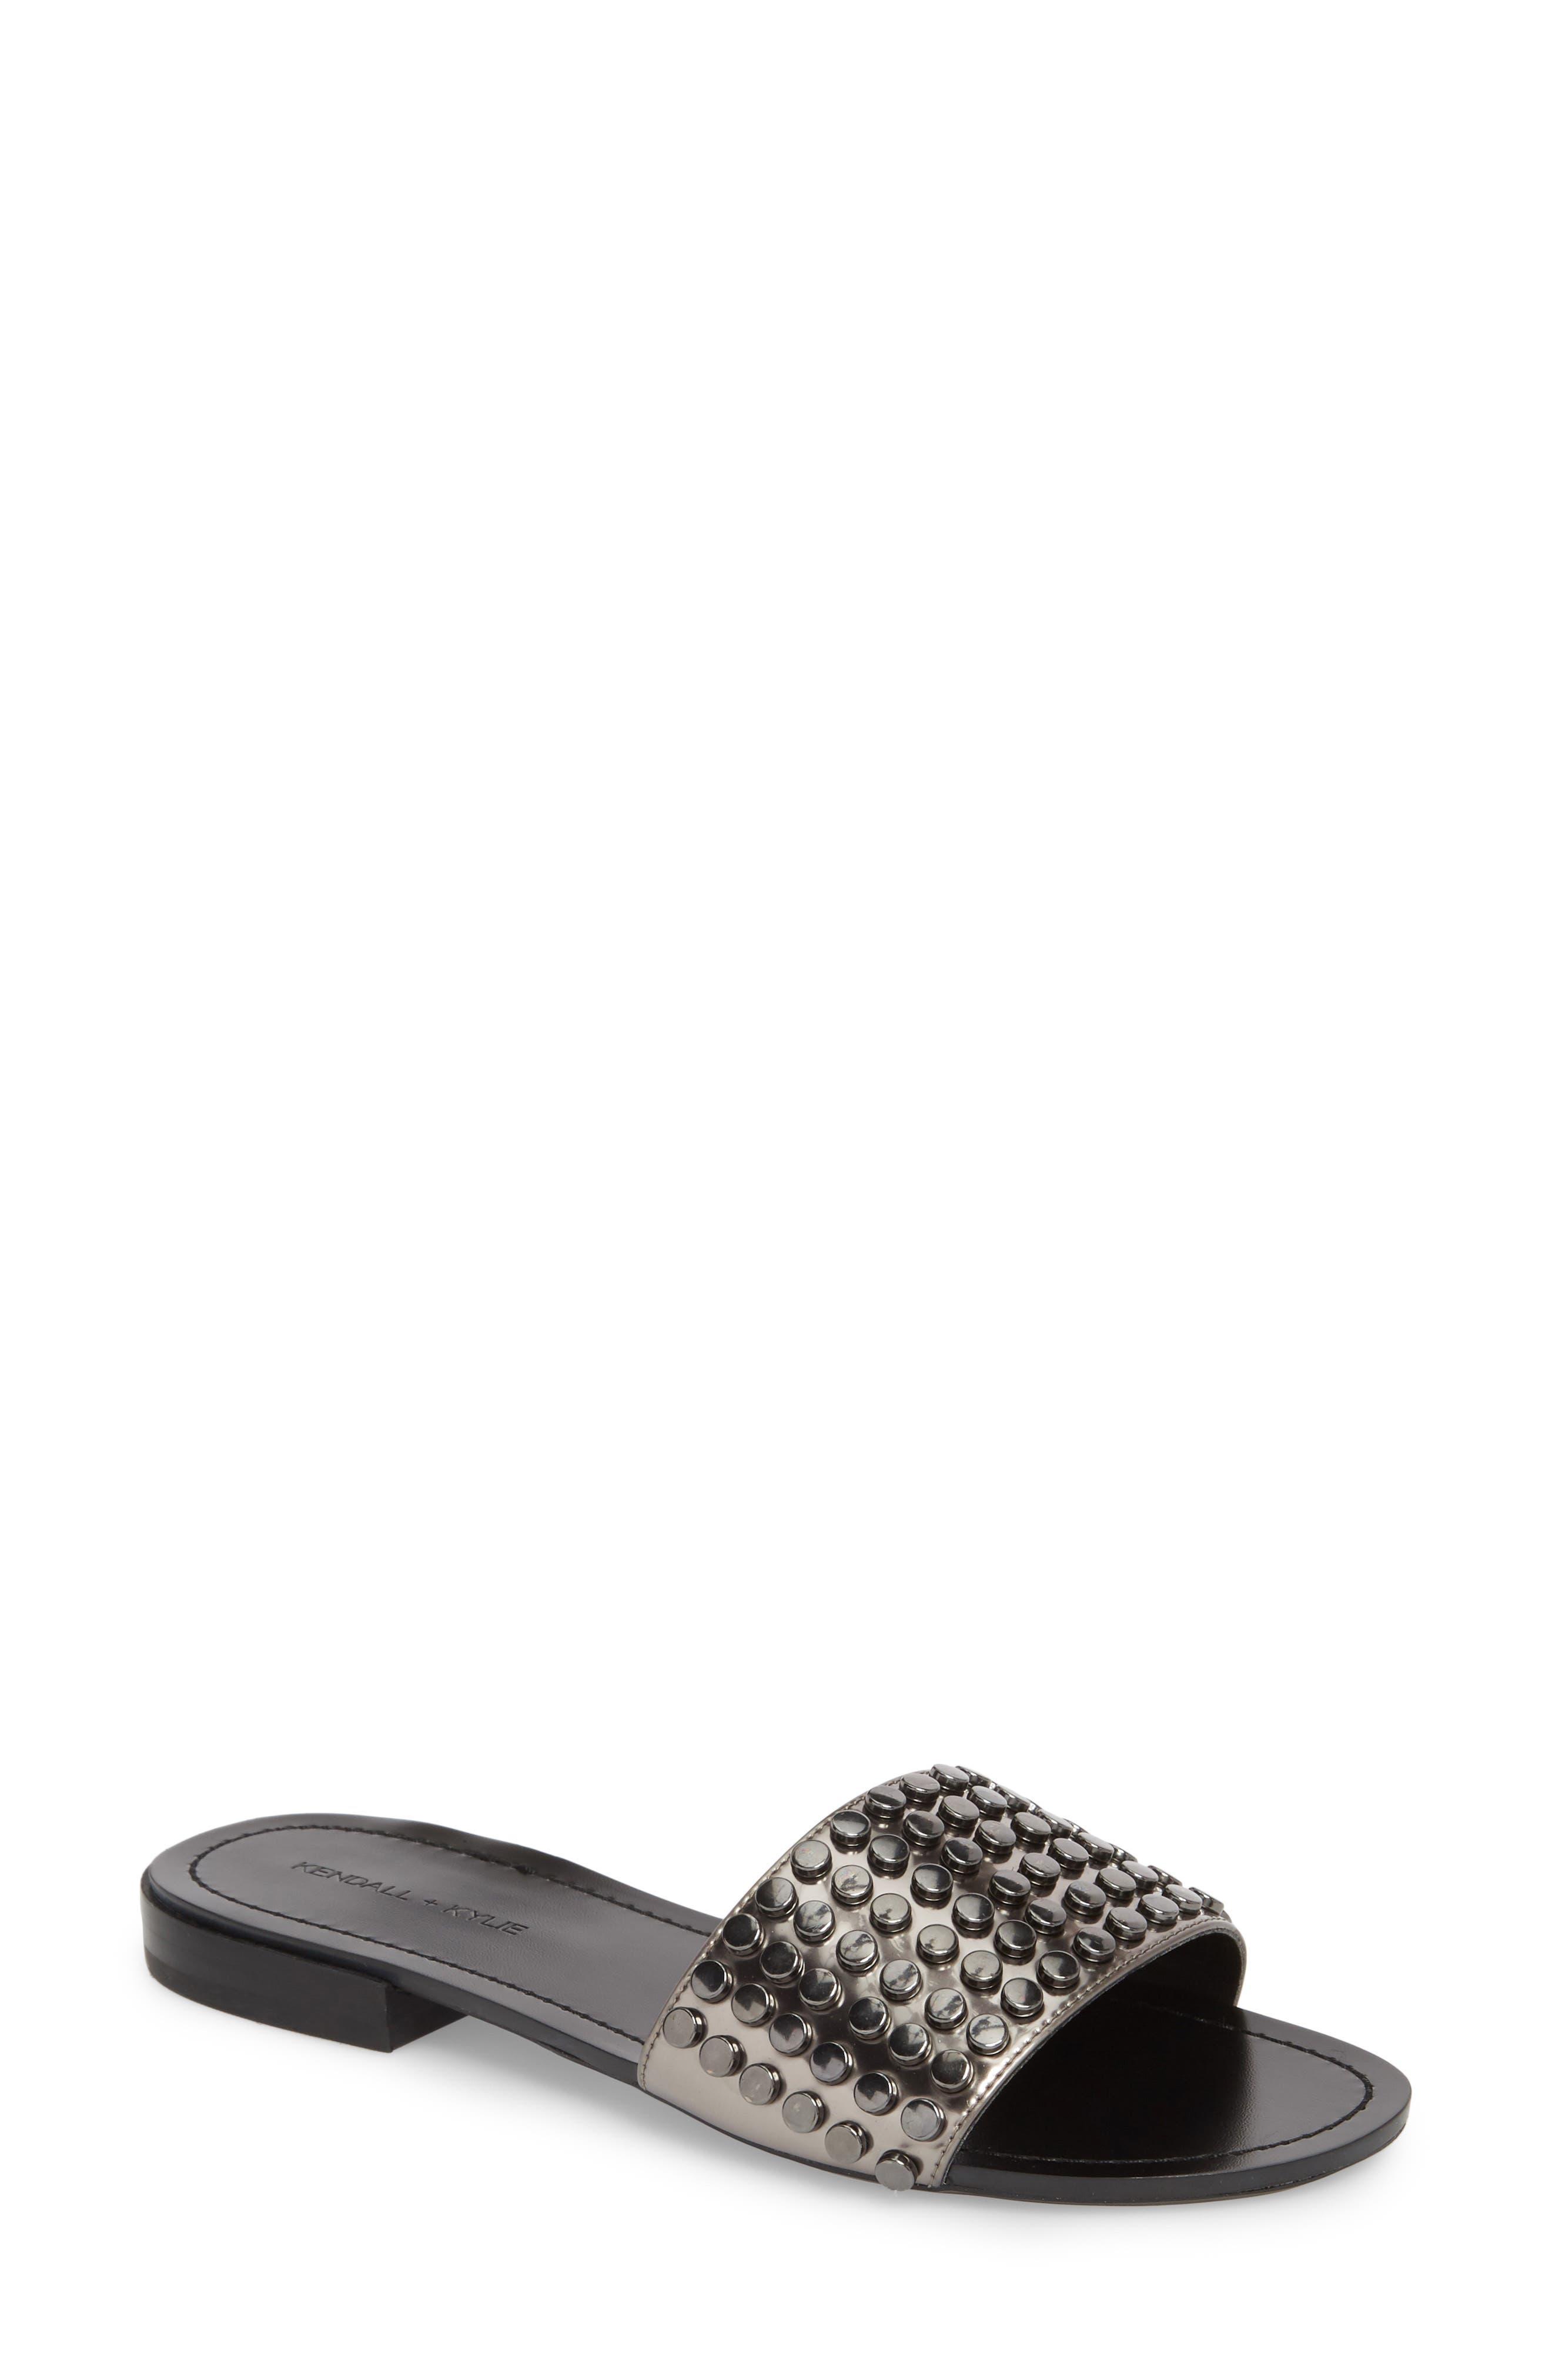 Kelsy Slide Sandal,                         Main,                         color, Pewter